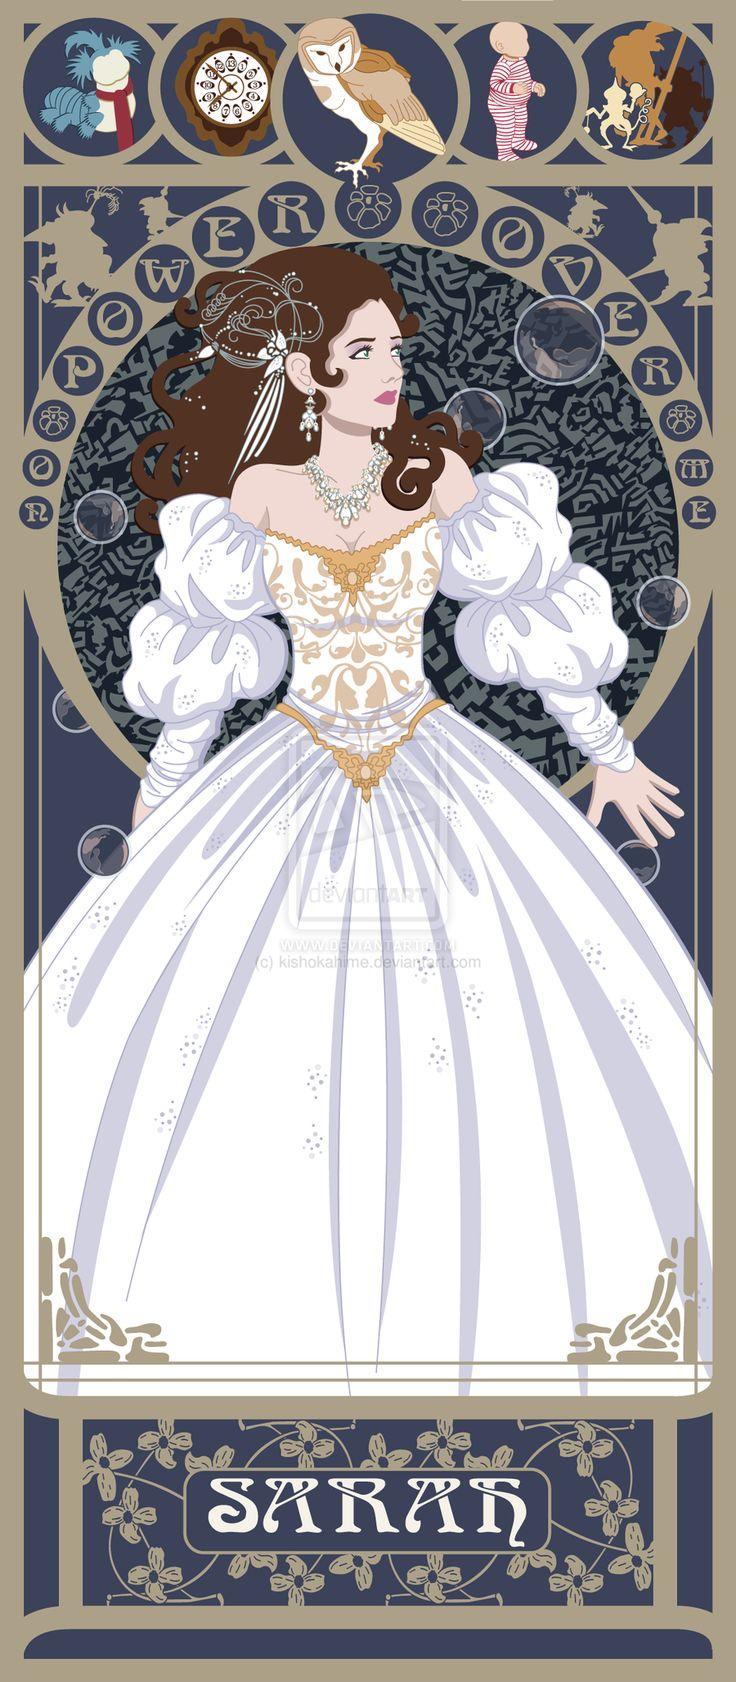 Sarah Nouveau by ~kishokahime inspired by Labyrinth